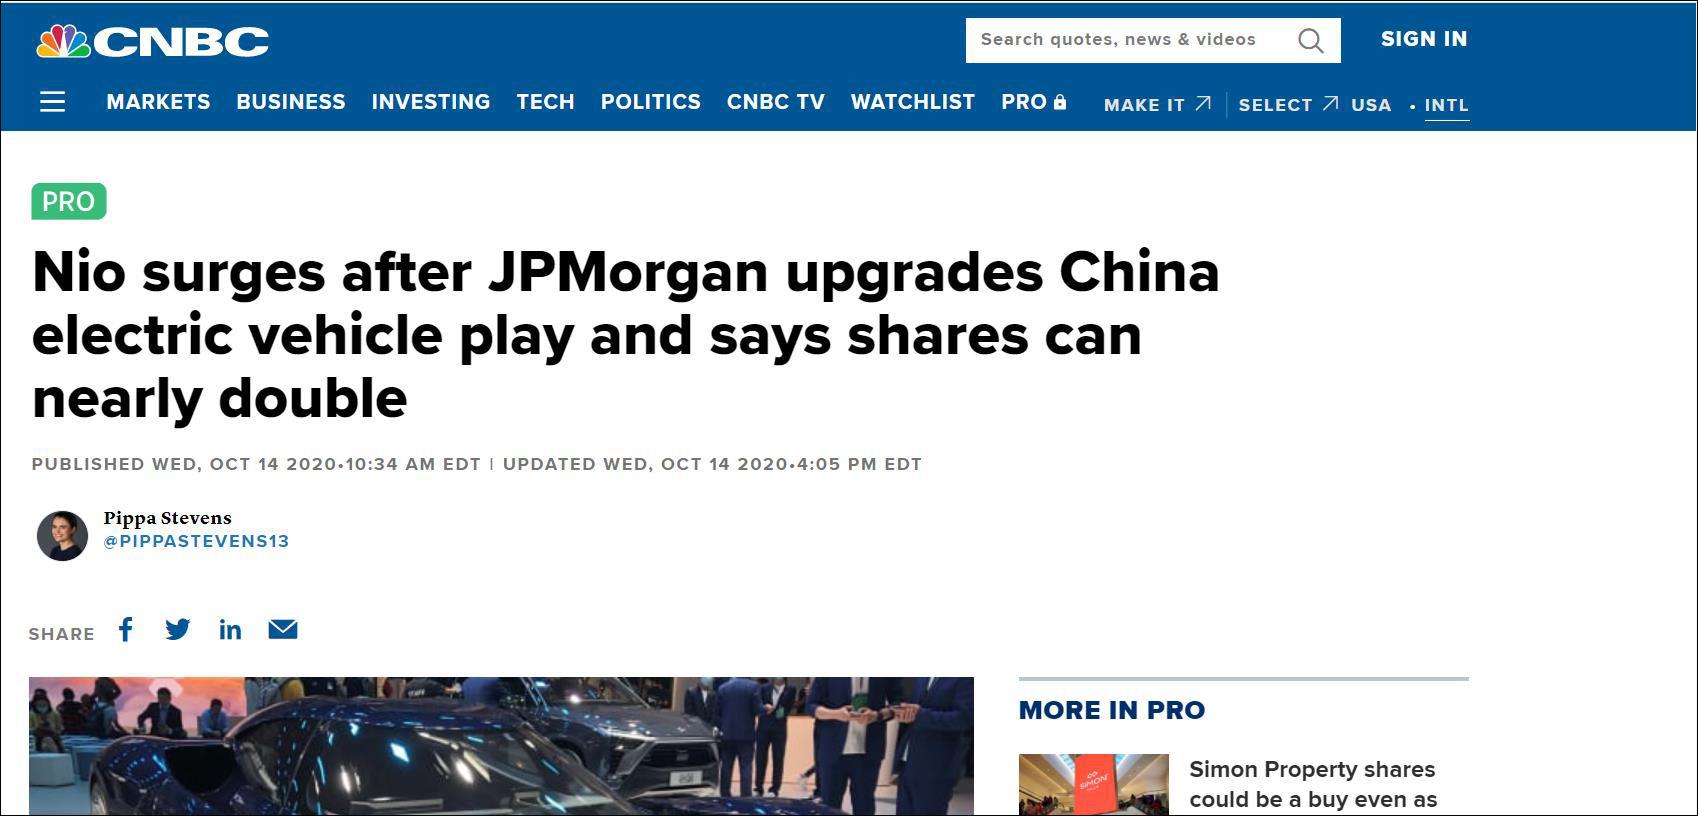 外媒对摩根大通升级蔚来股票的报道